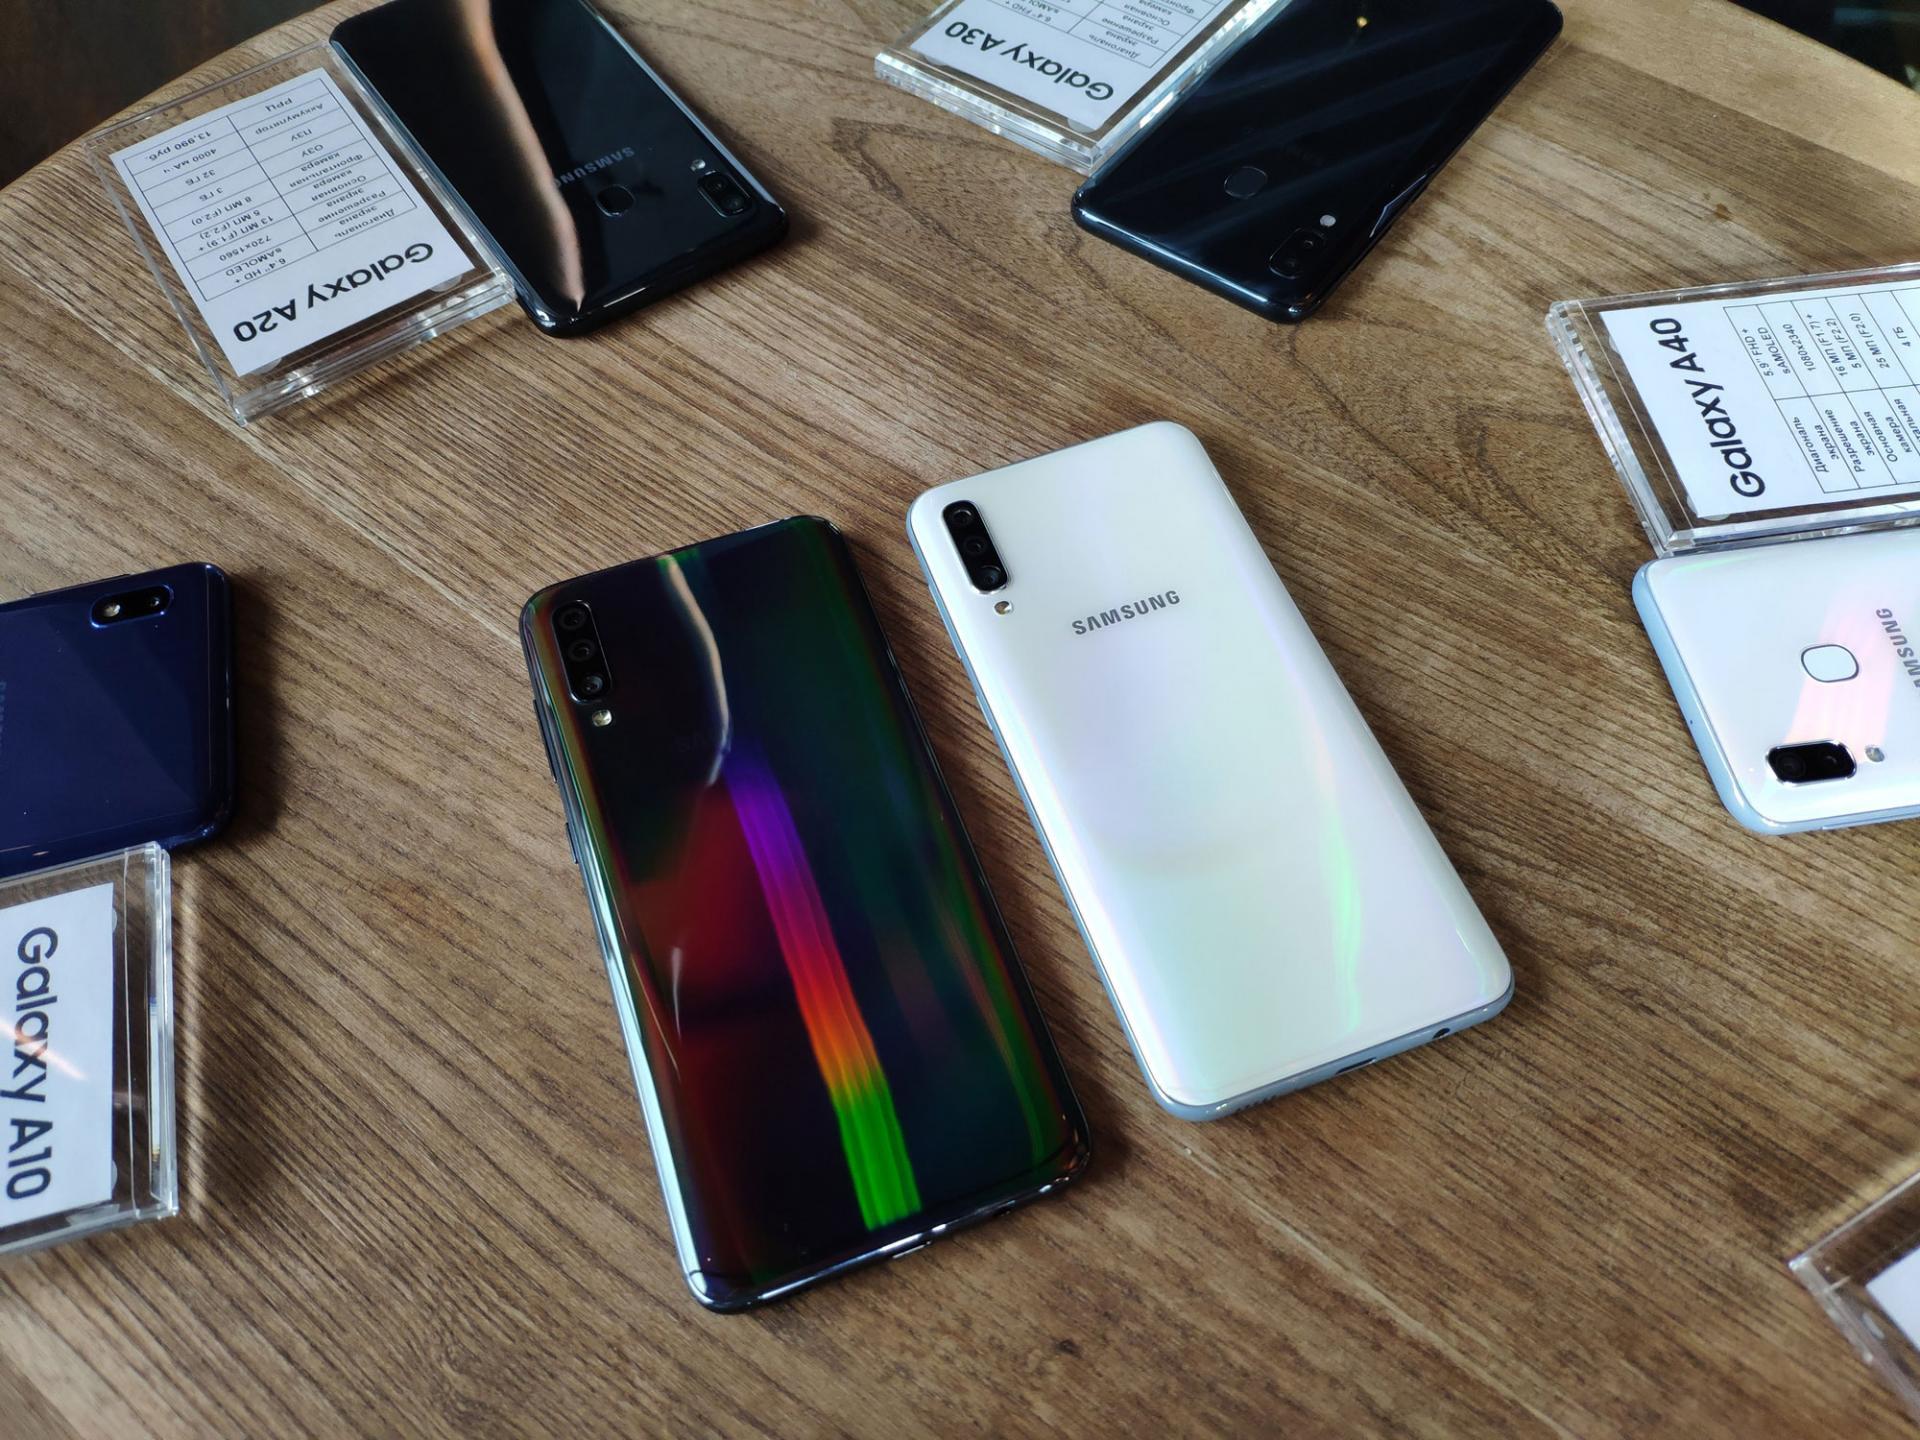 Samsung представила 7 смартфонов линейки Aналюбой вкус